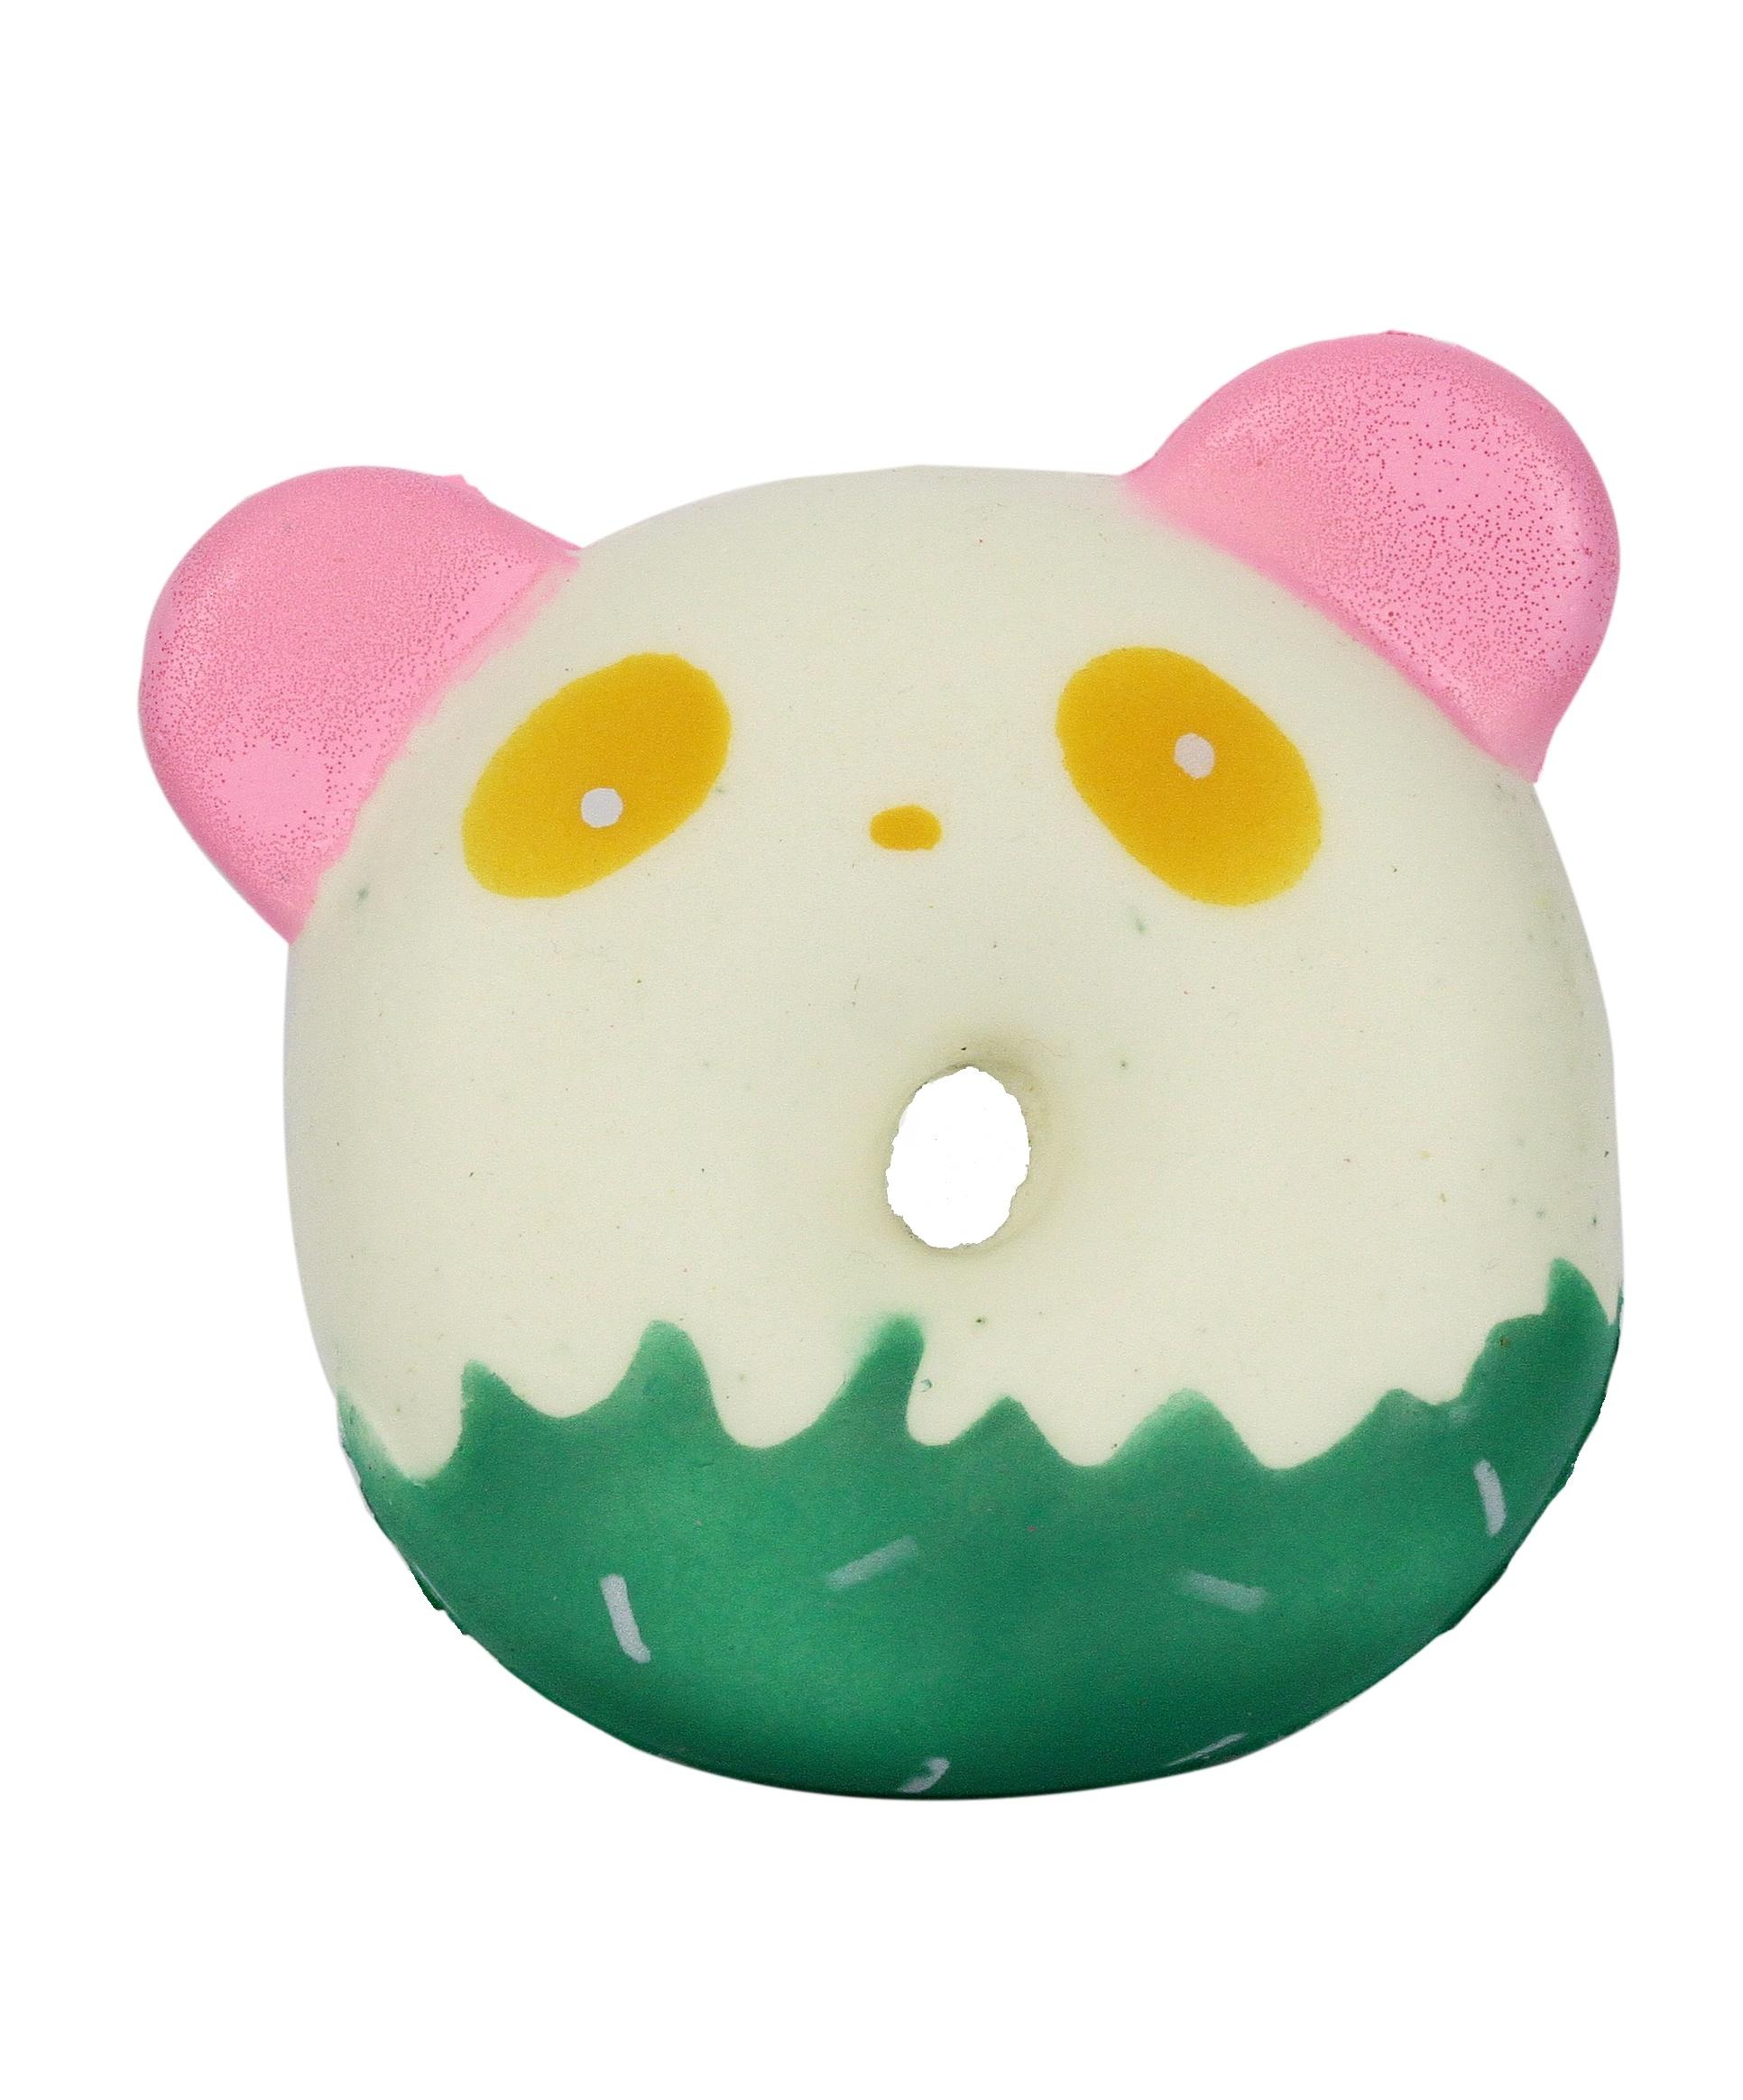 Игрушка-антистресс 1toy Мммняшка 1toy игрушка антистресс ё ёжик животное цвет розовый